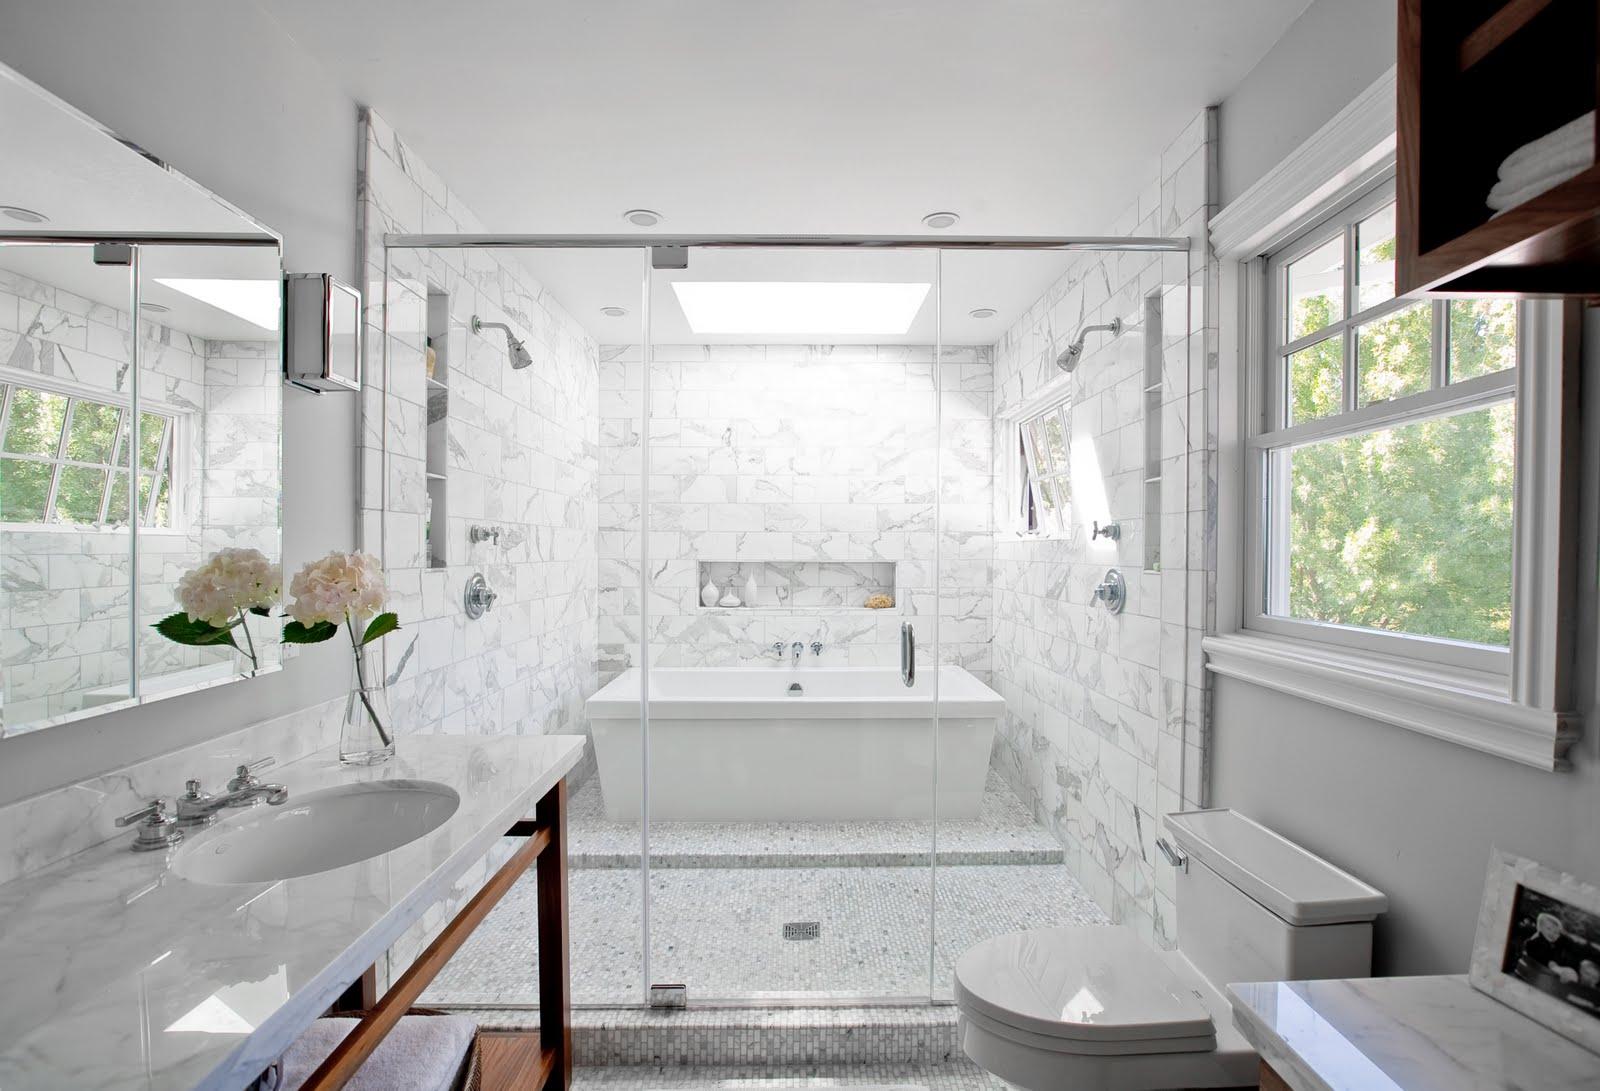 Casa de banho em mármore Carrara